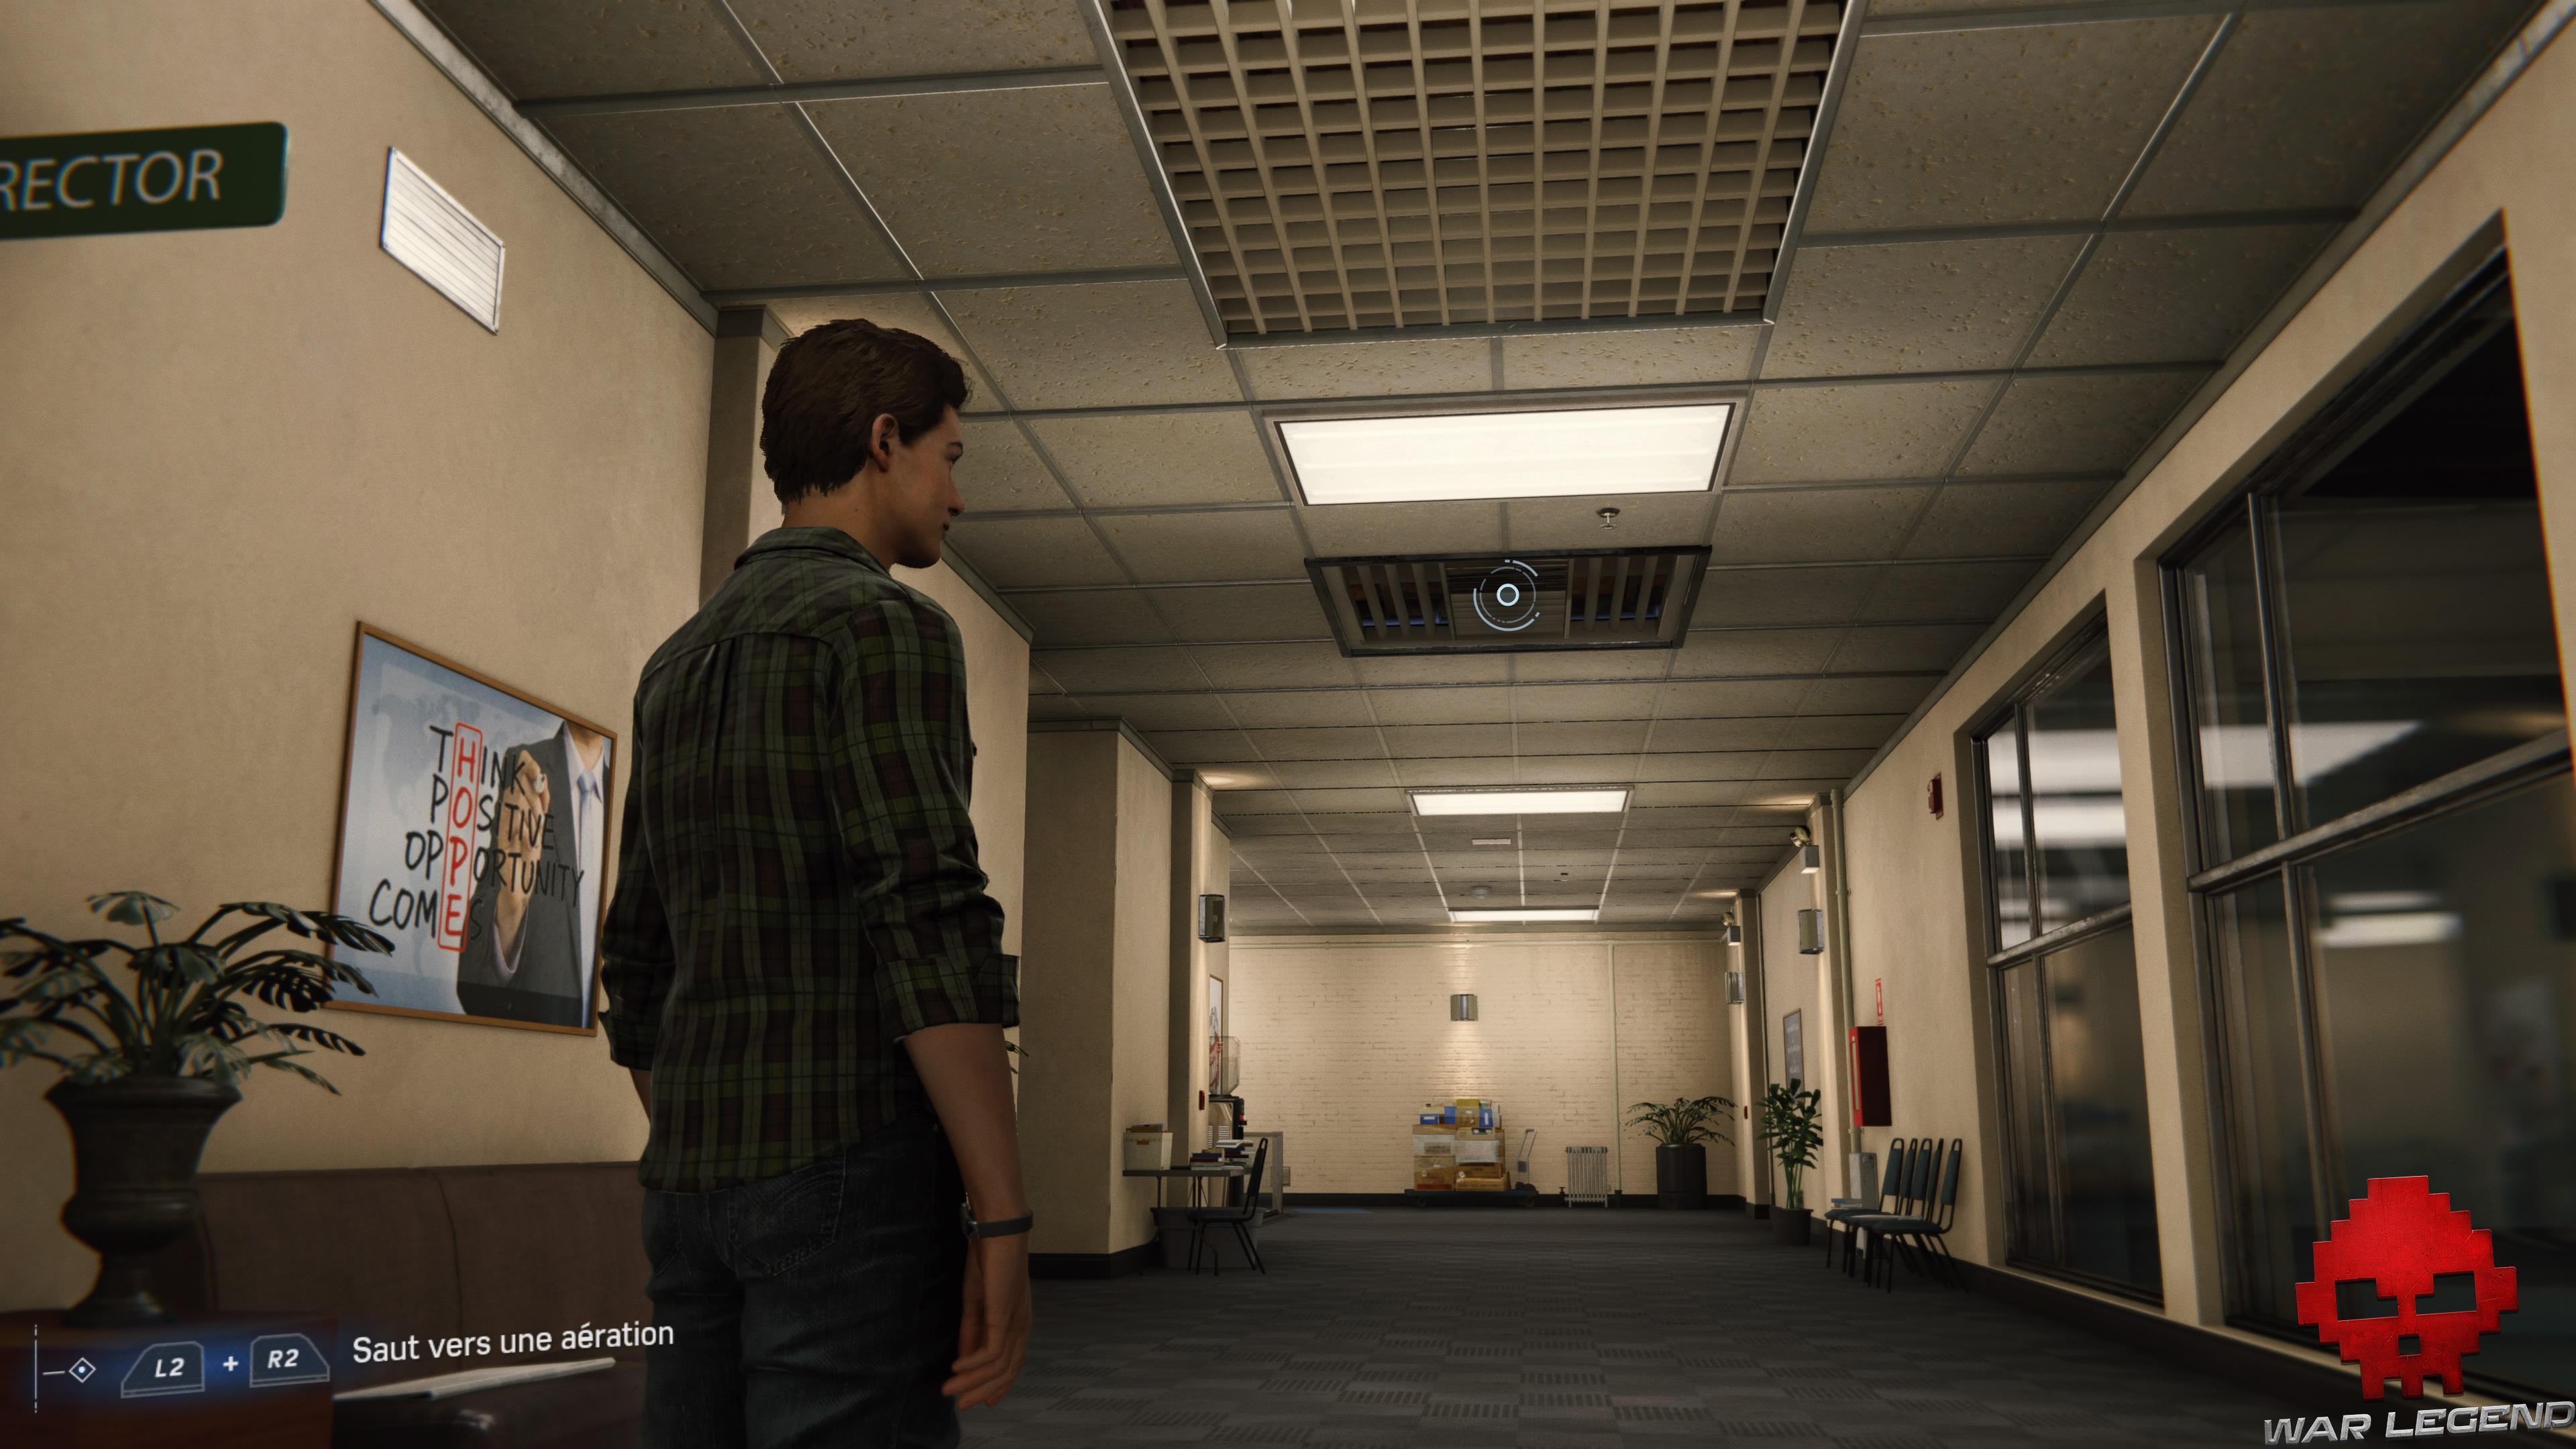 solution spider-man dessein secret conduit d'aération au plafond